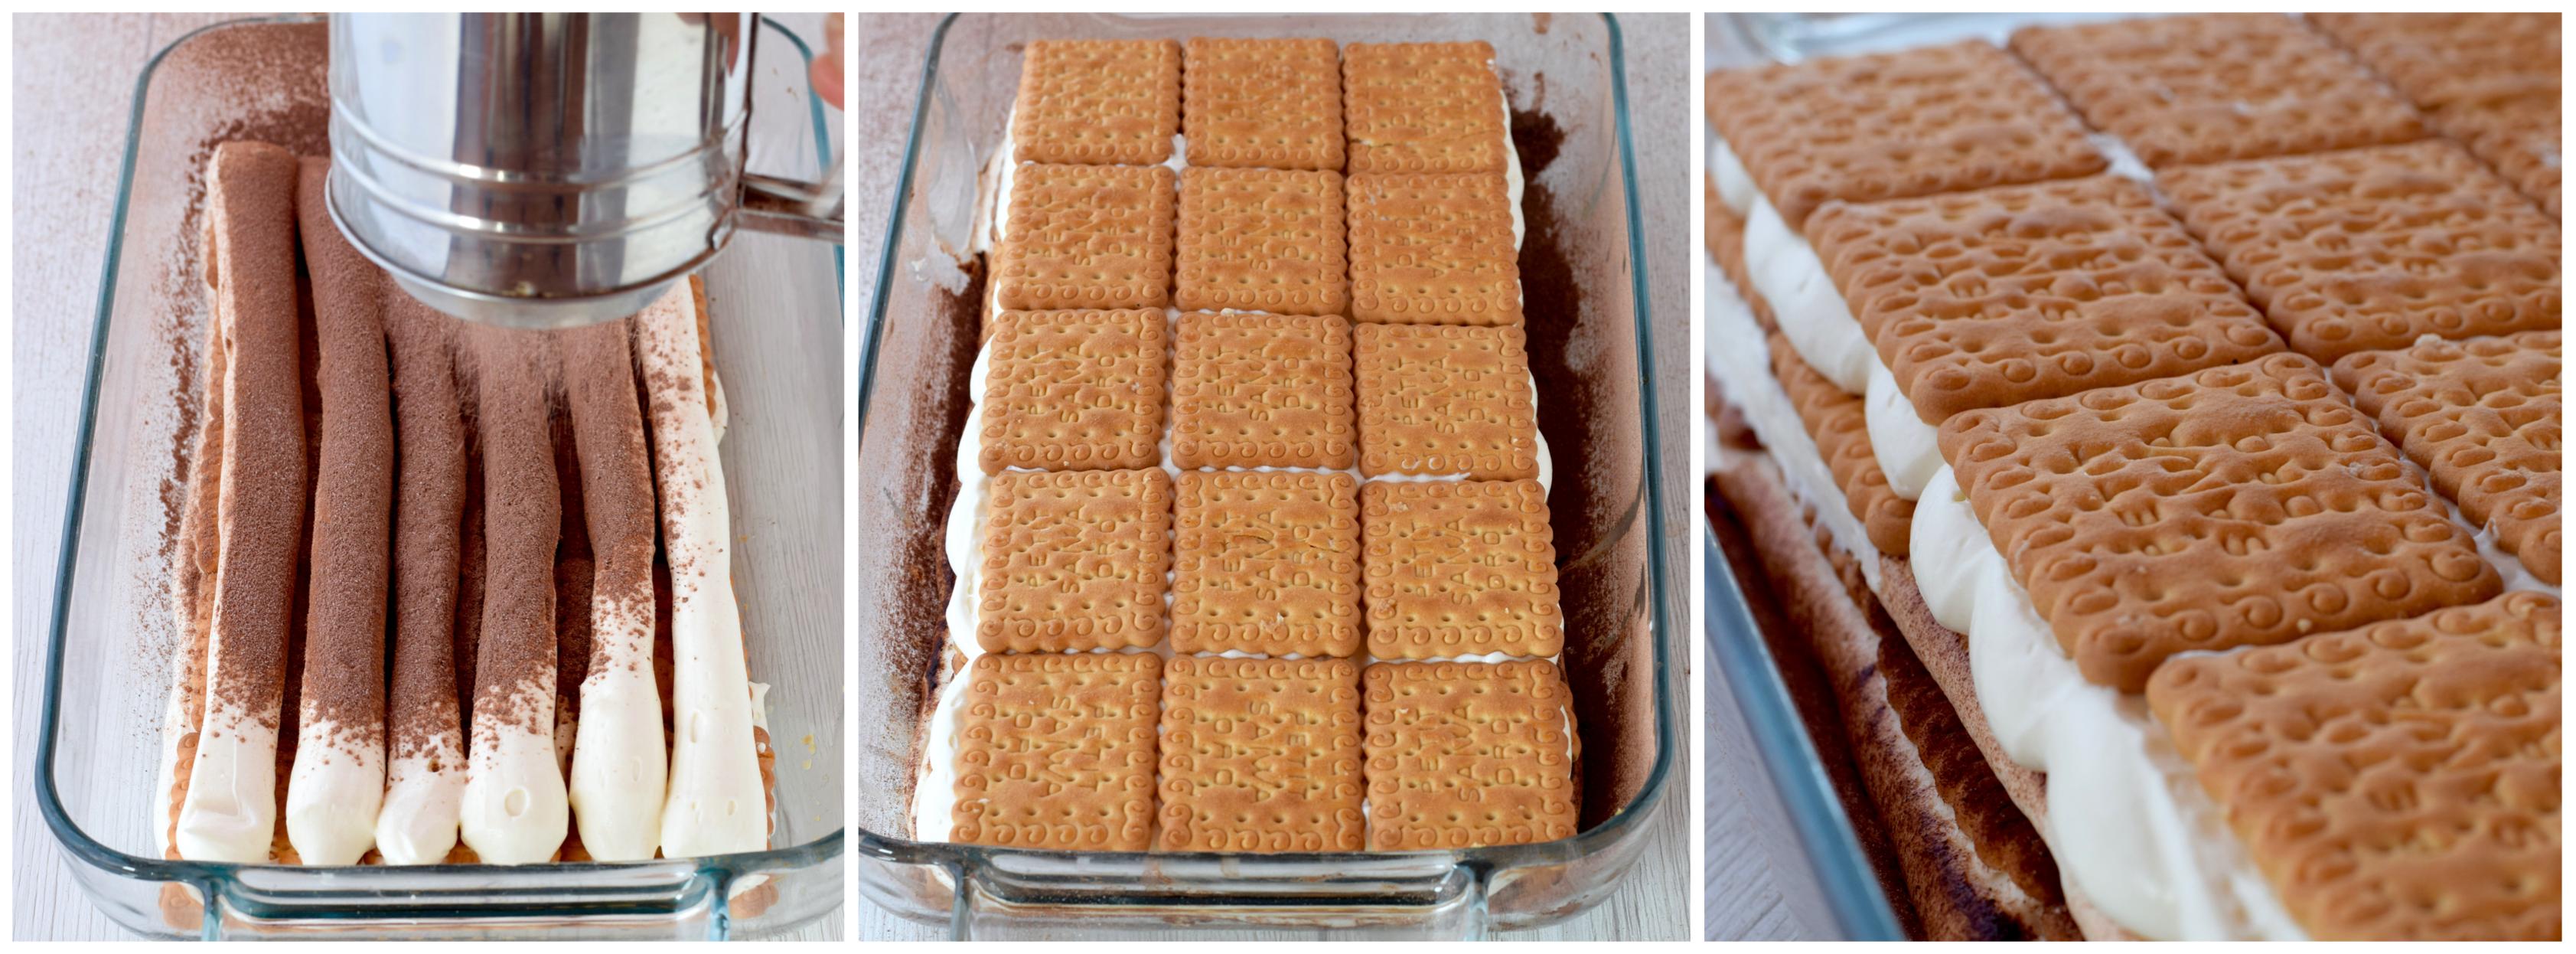 foto tutoricetta completa per torta di gallette con crema diplomatica senza uovarial con